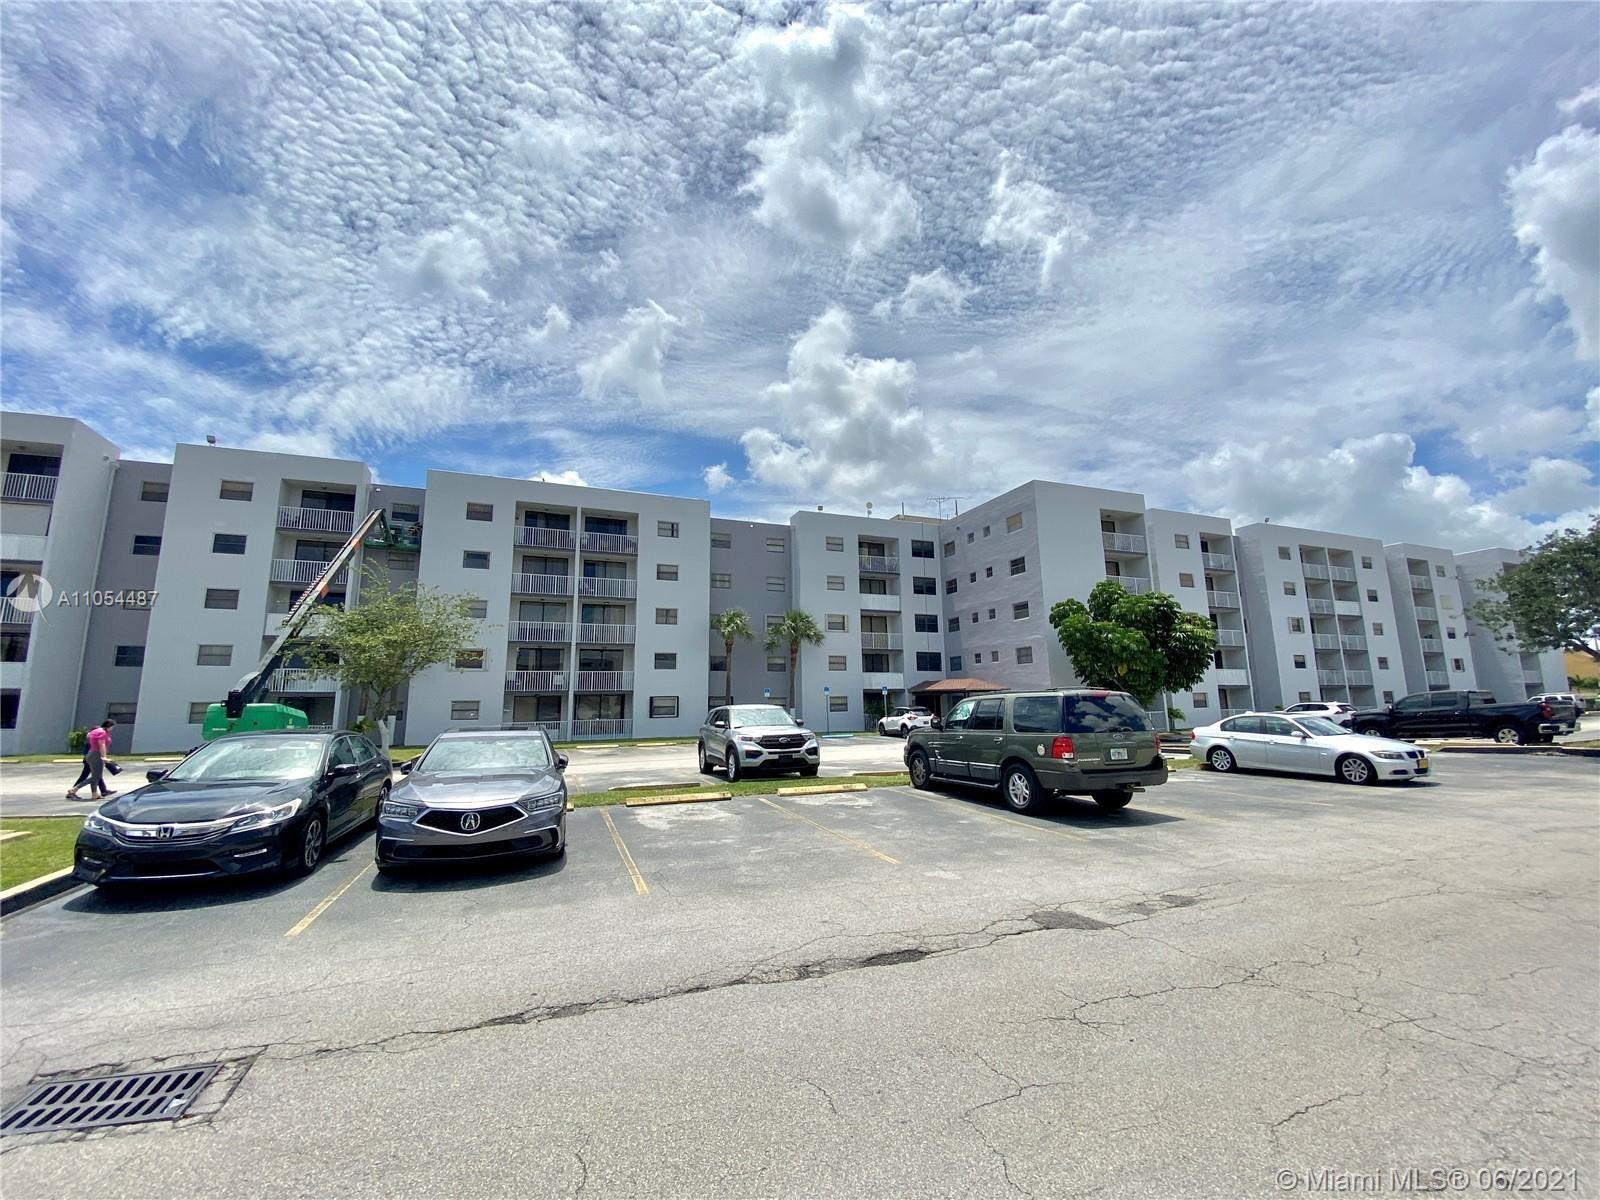 8145 NW 7th St #121, Miami, FL 33126 - #: A11054487